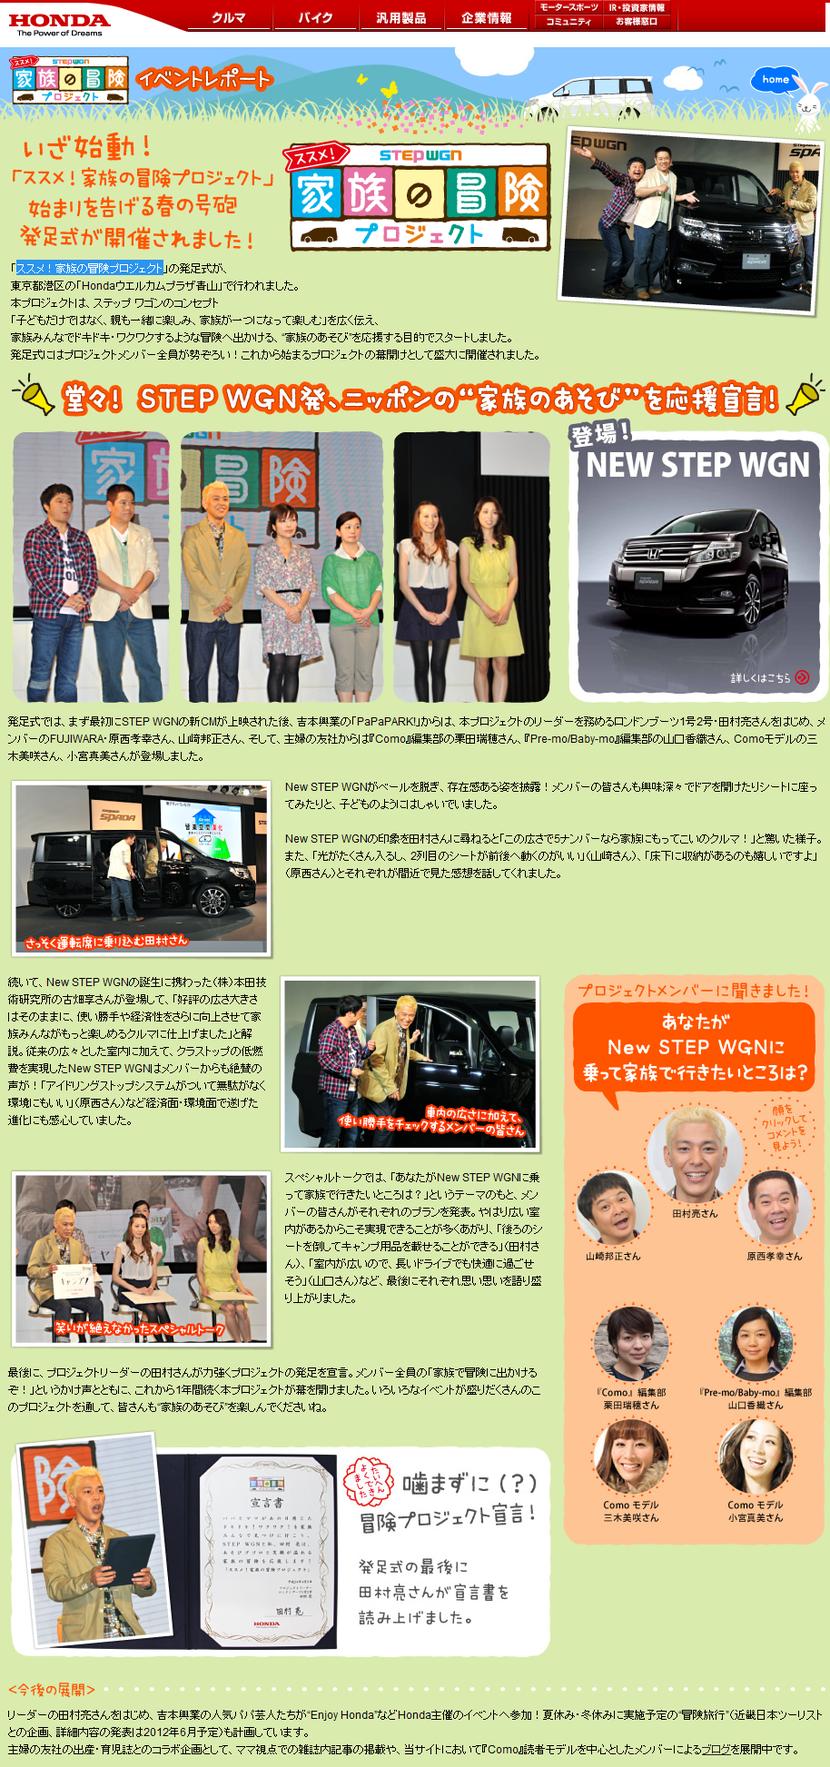 Honda ステップ ワゴン ススメ!家族の冒険プロジェクト